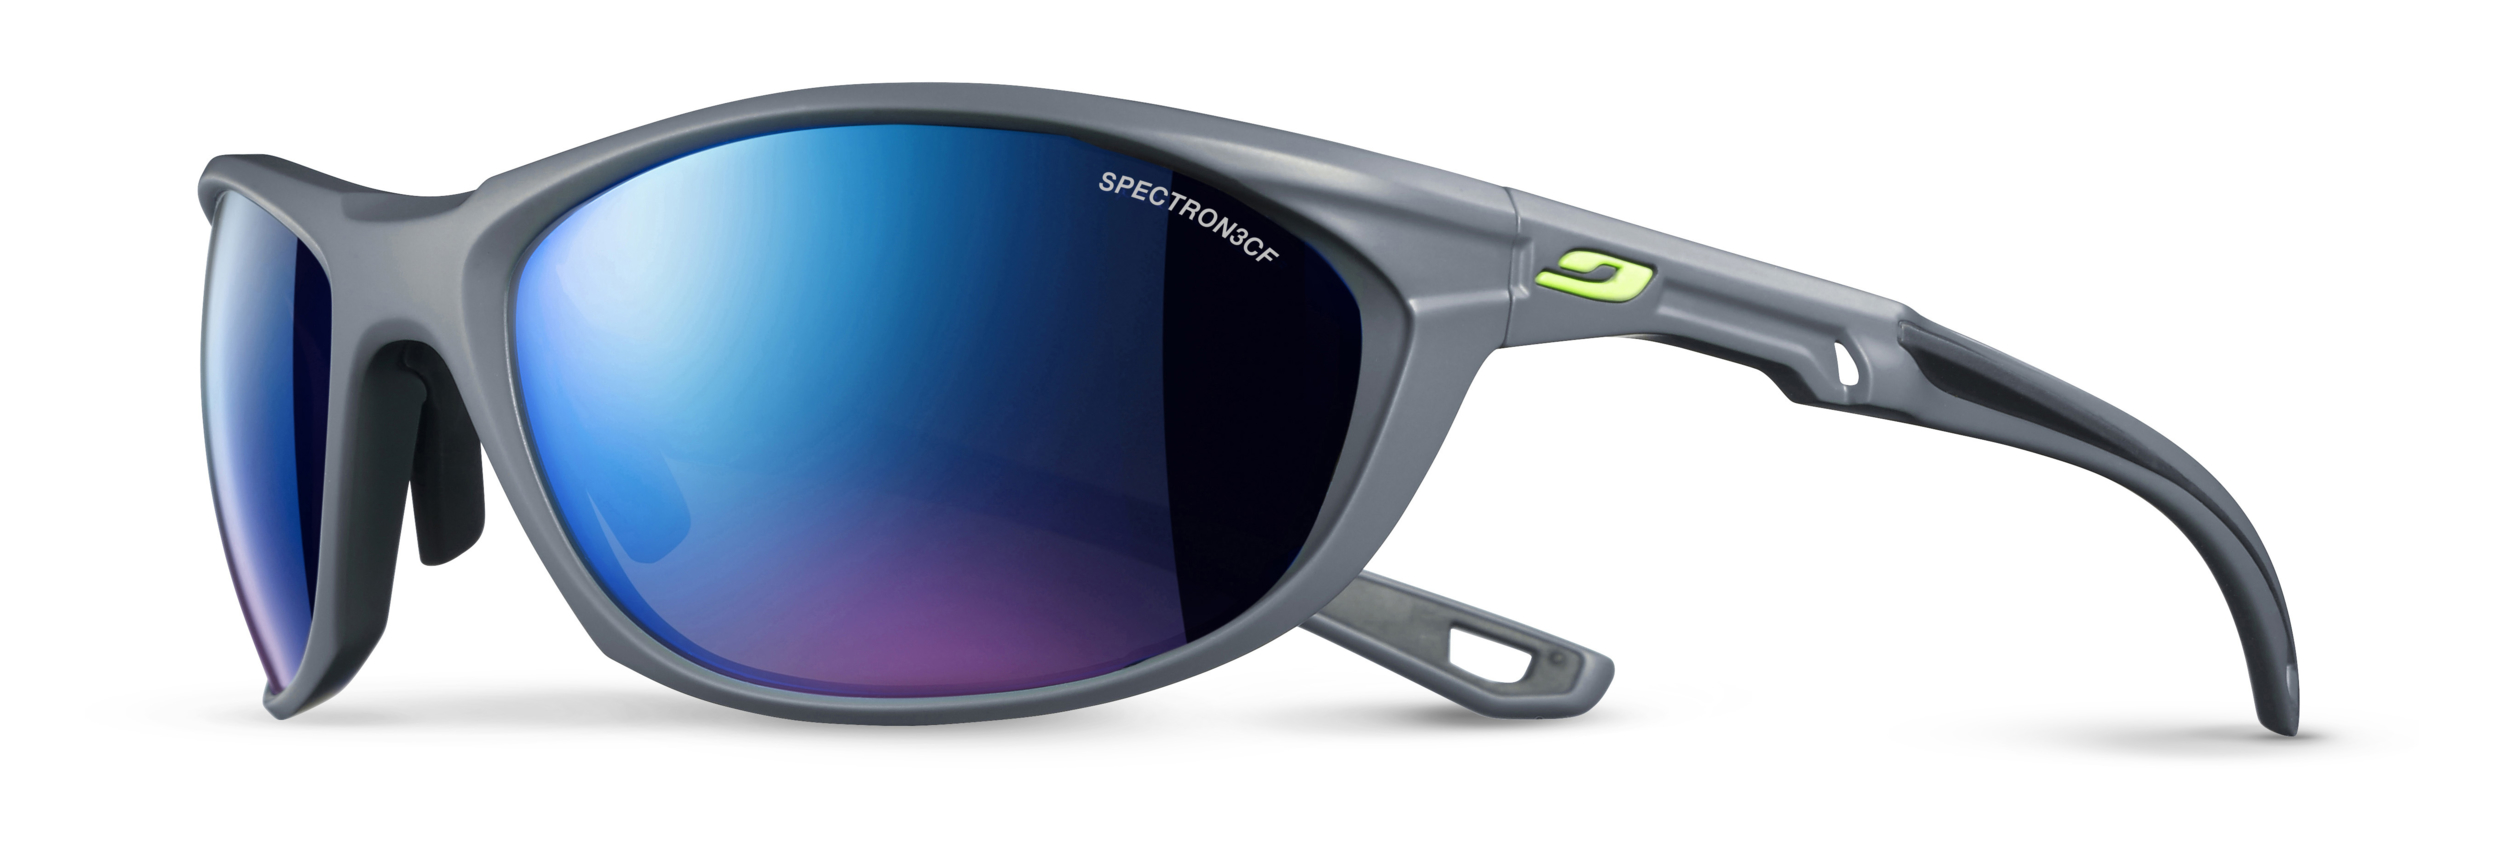 d47857b8c8df05 Julbo - Modèles TOP 10 - J482 - Race 2.0 - hyper-lunettes-sport